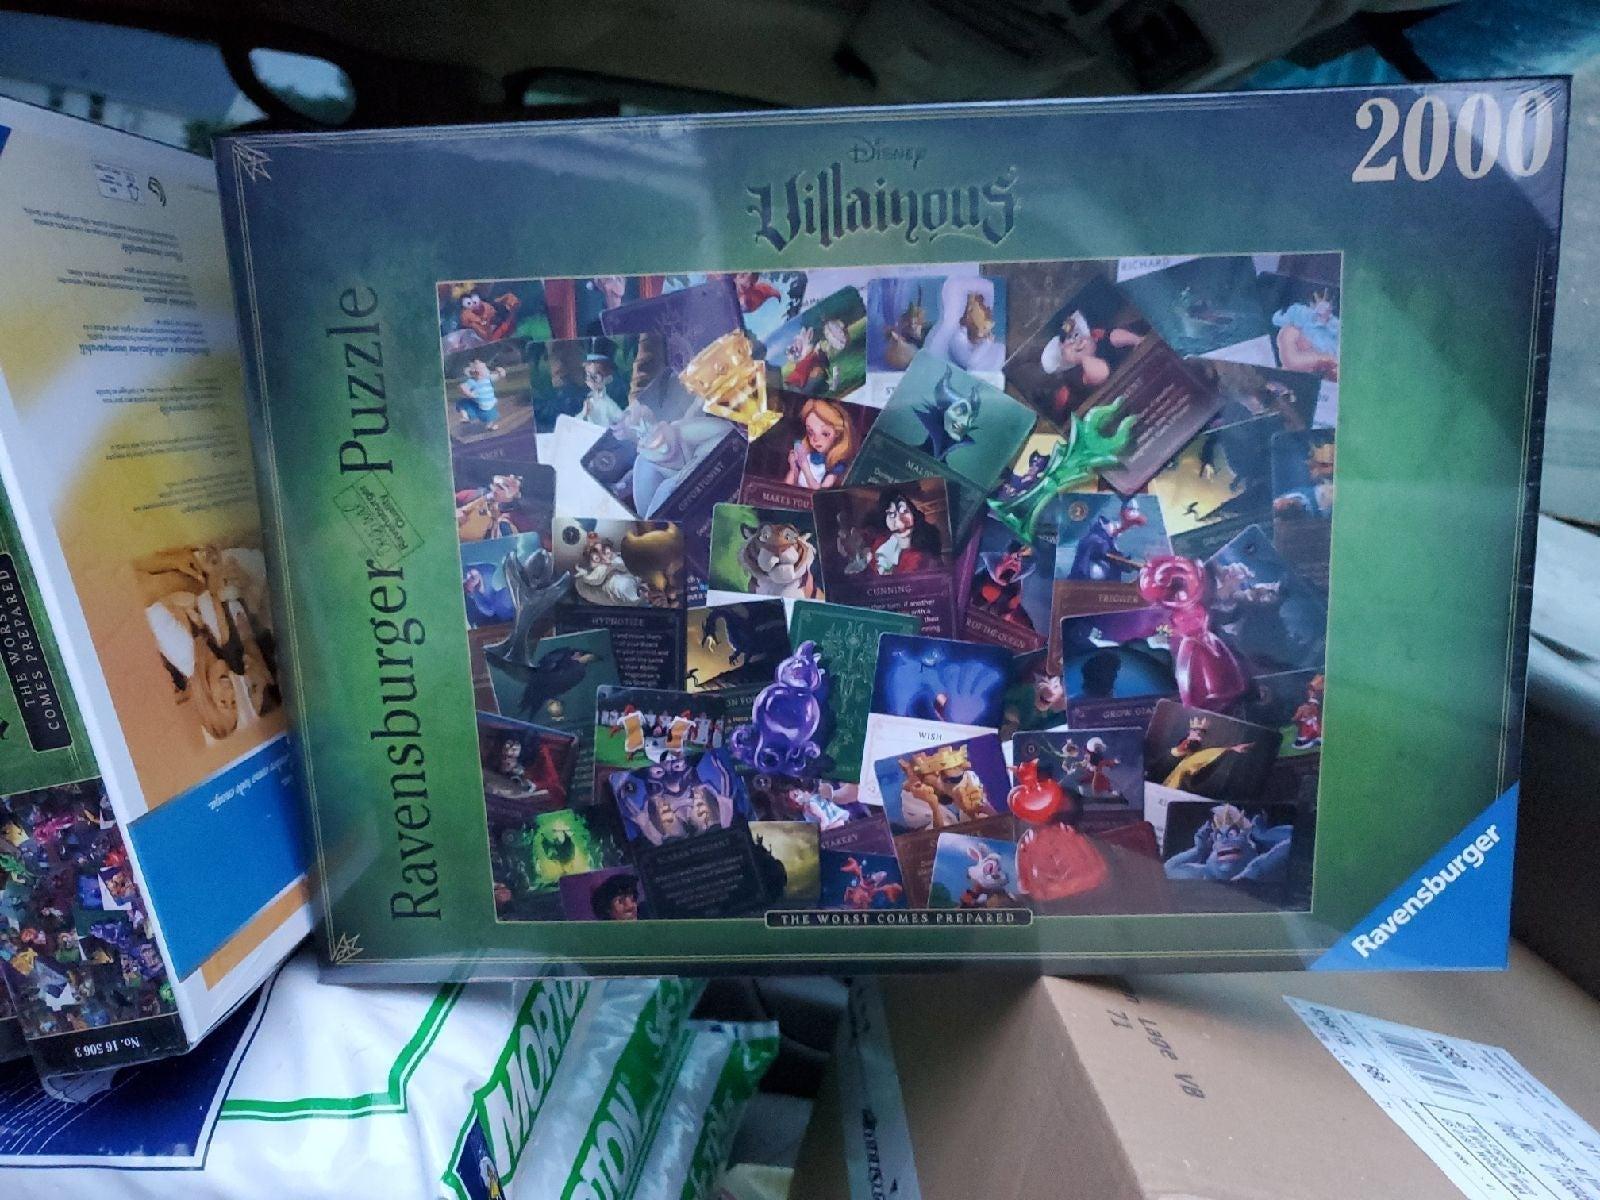 2000 piece ravensburger puzzle